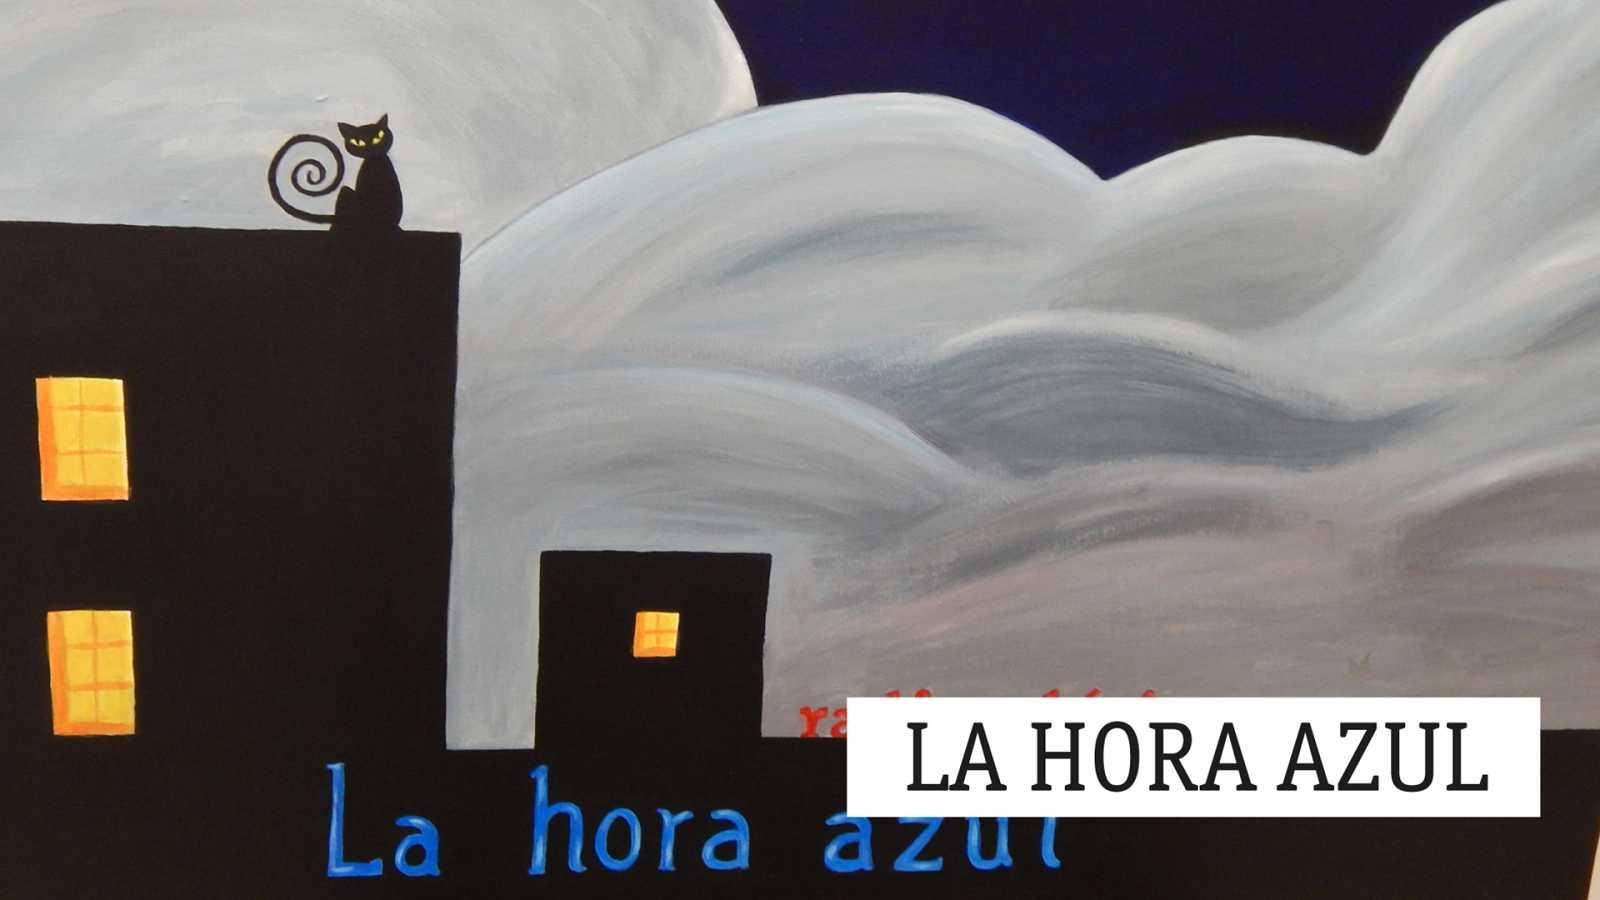 La hora azul - Ravel, Benedicto y la música de Mozart - 25/03/21 - escuchar ahora